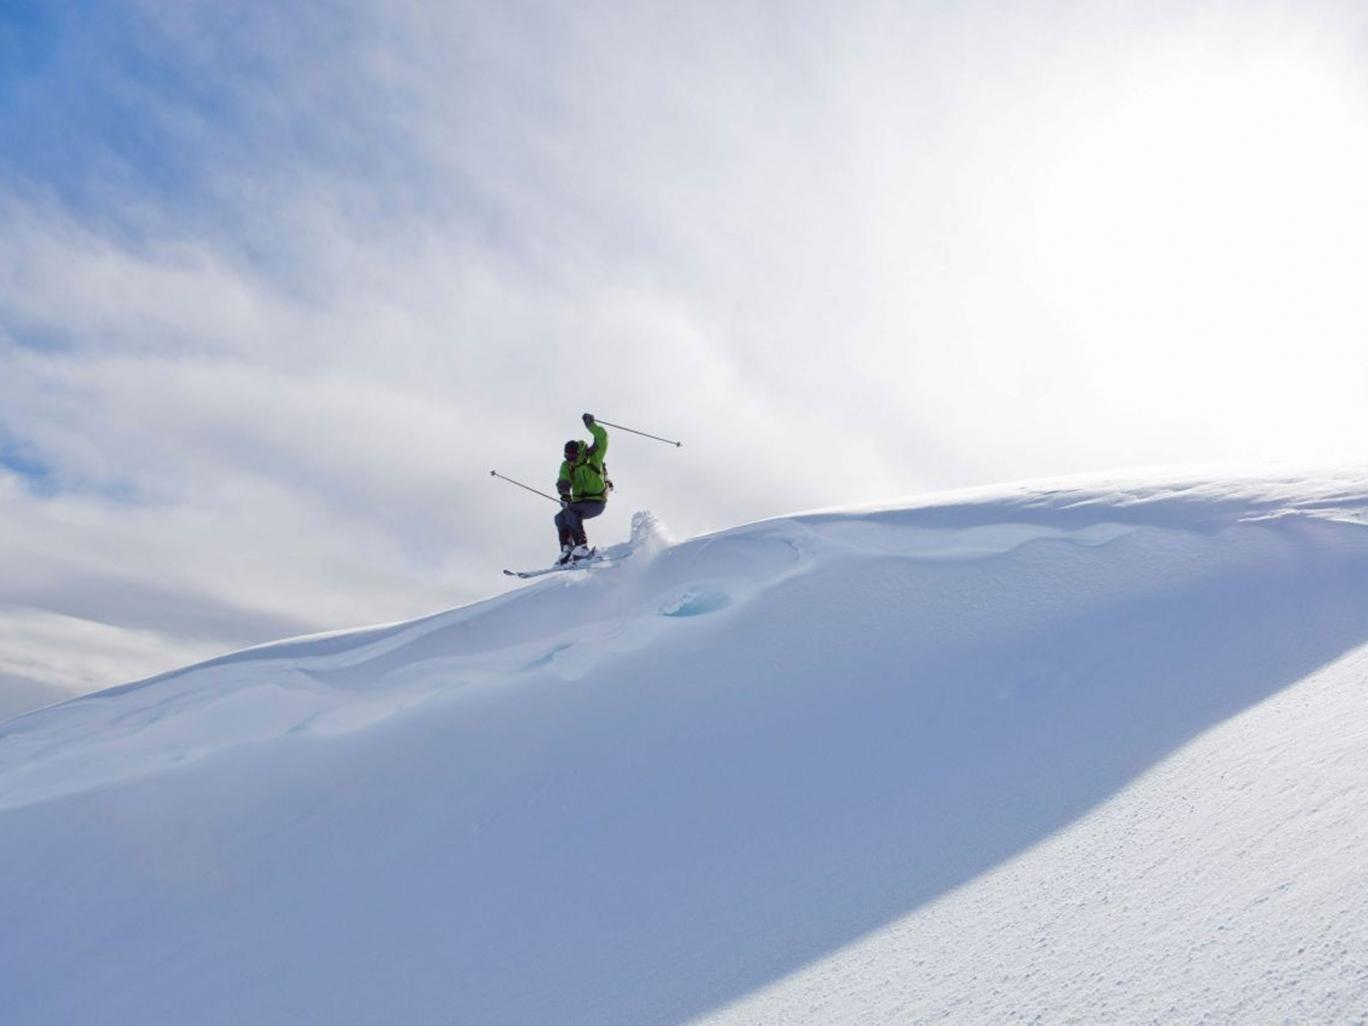 A skier flies through the air